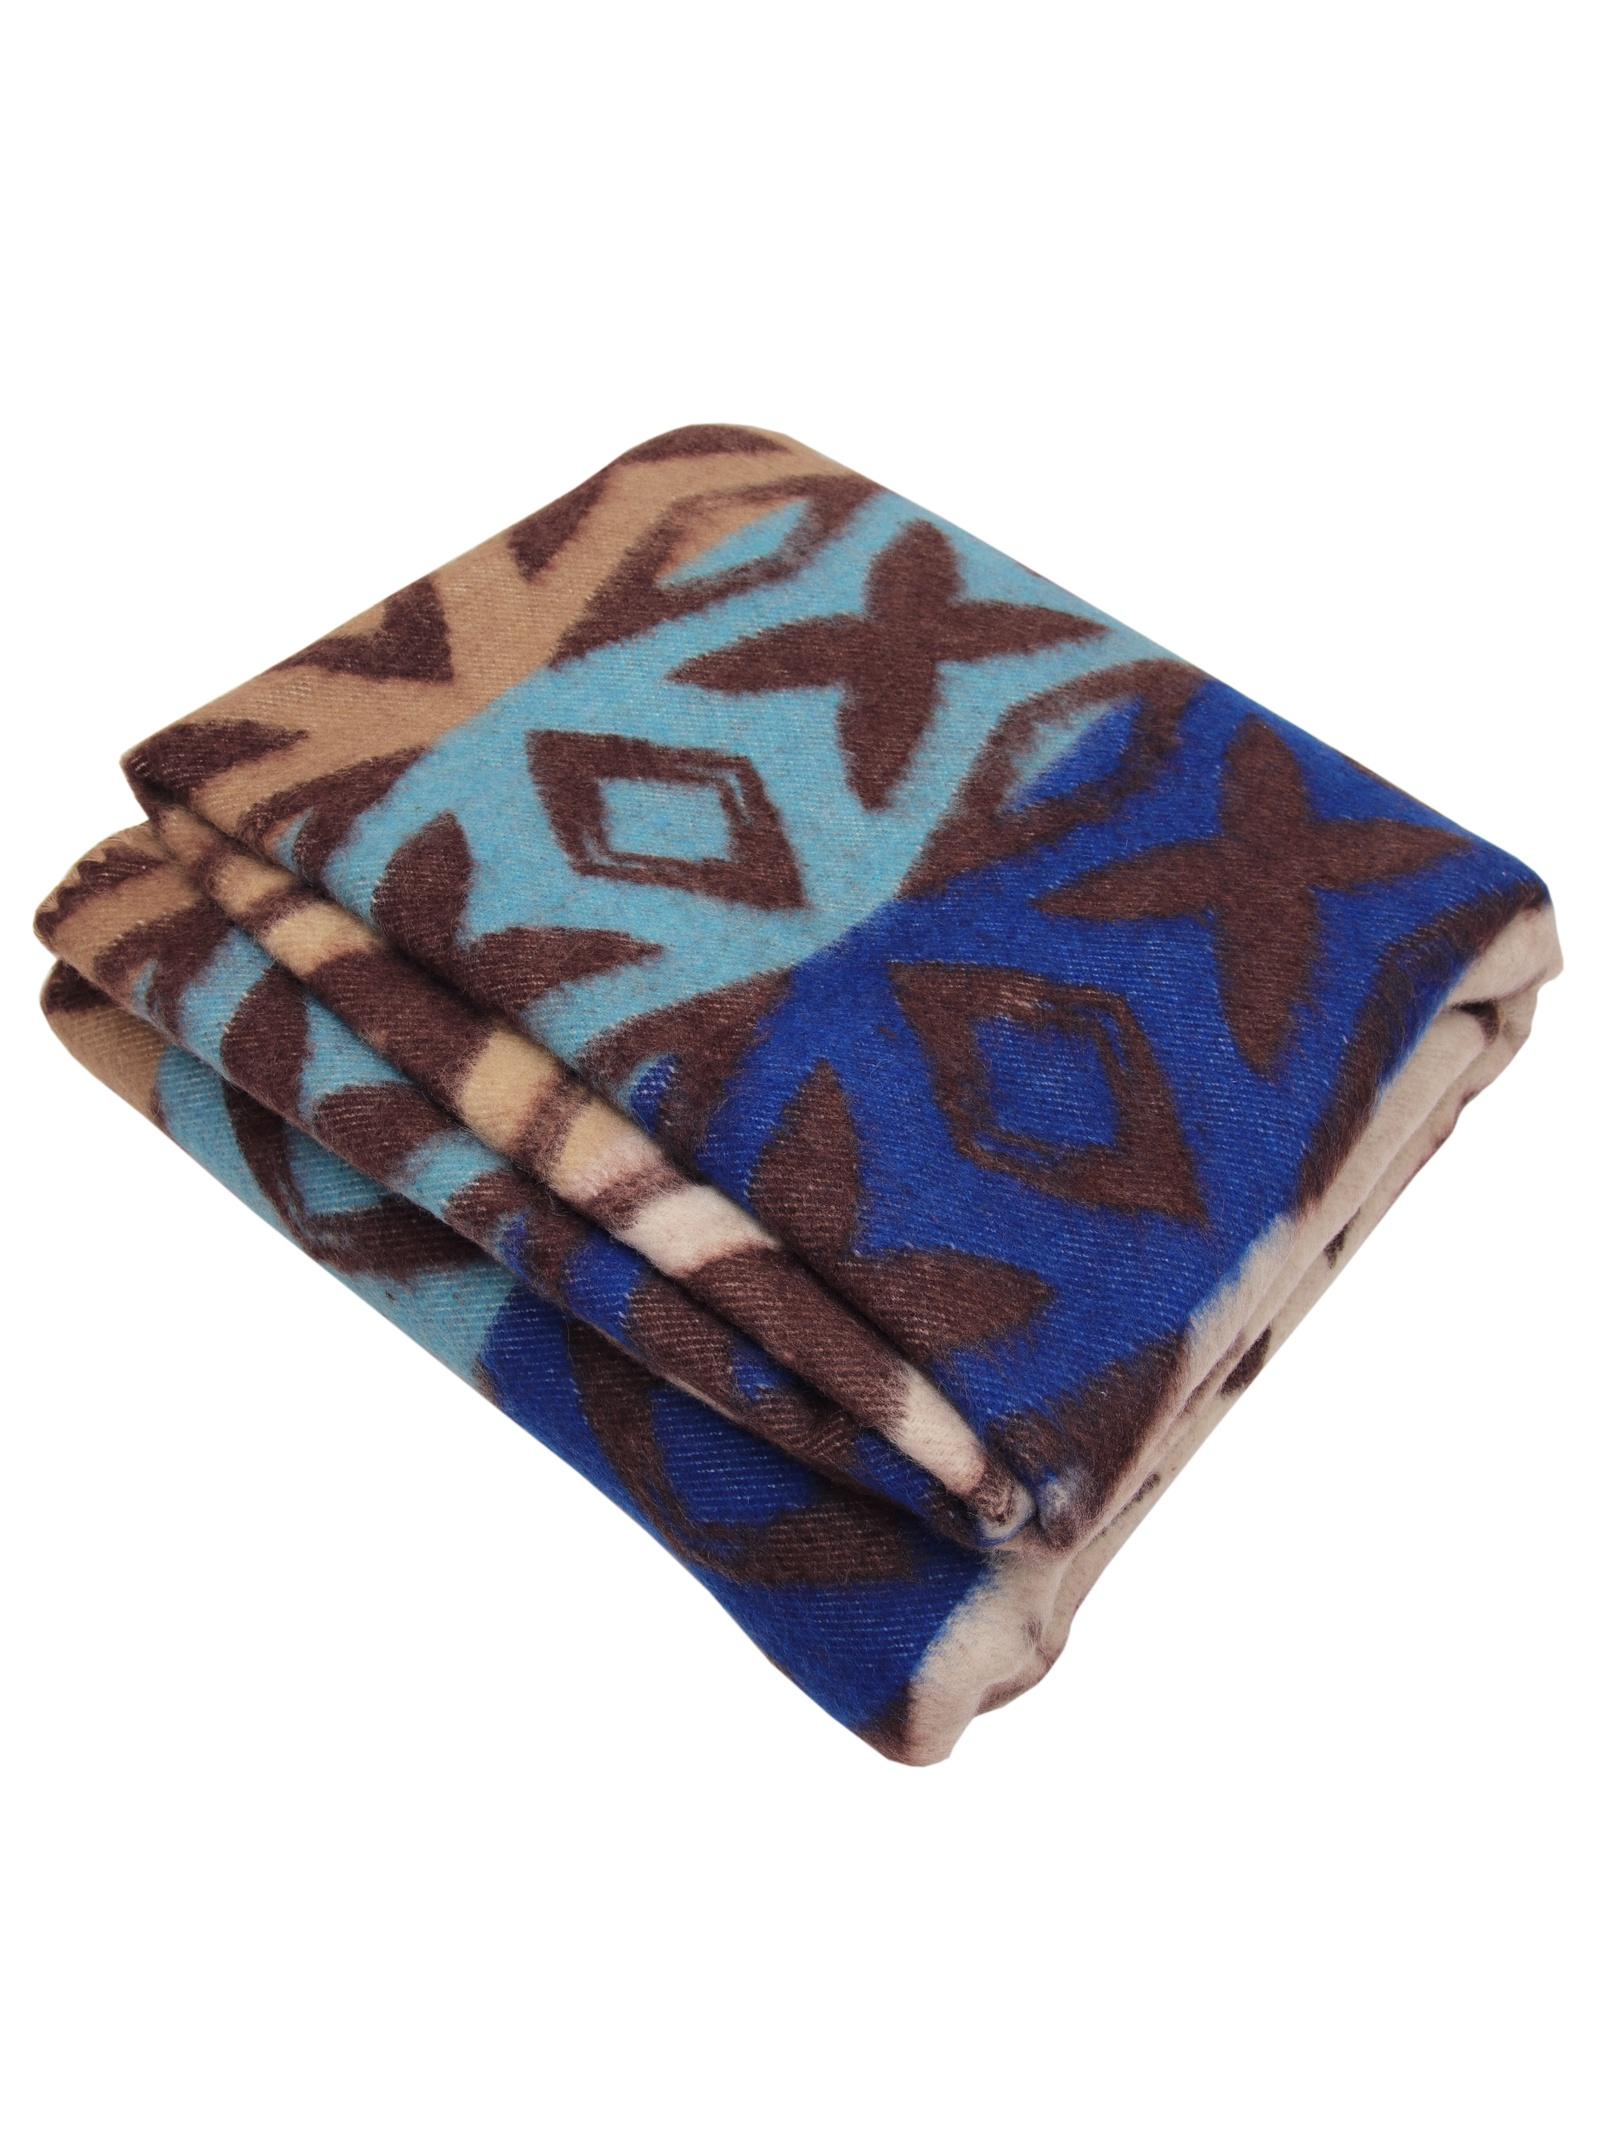 Одеяло Arloni 27362, голубой, коричневый полутороспальное одеяло arloni лоретта кассетное 140х205 теплое 140 17 03 эб